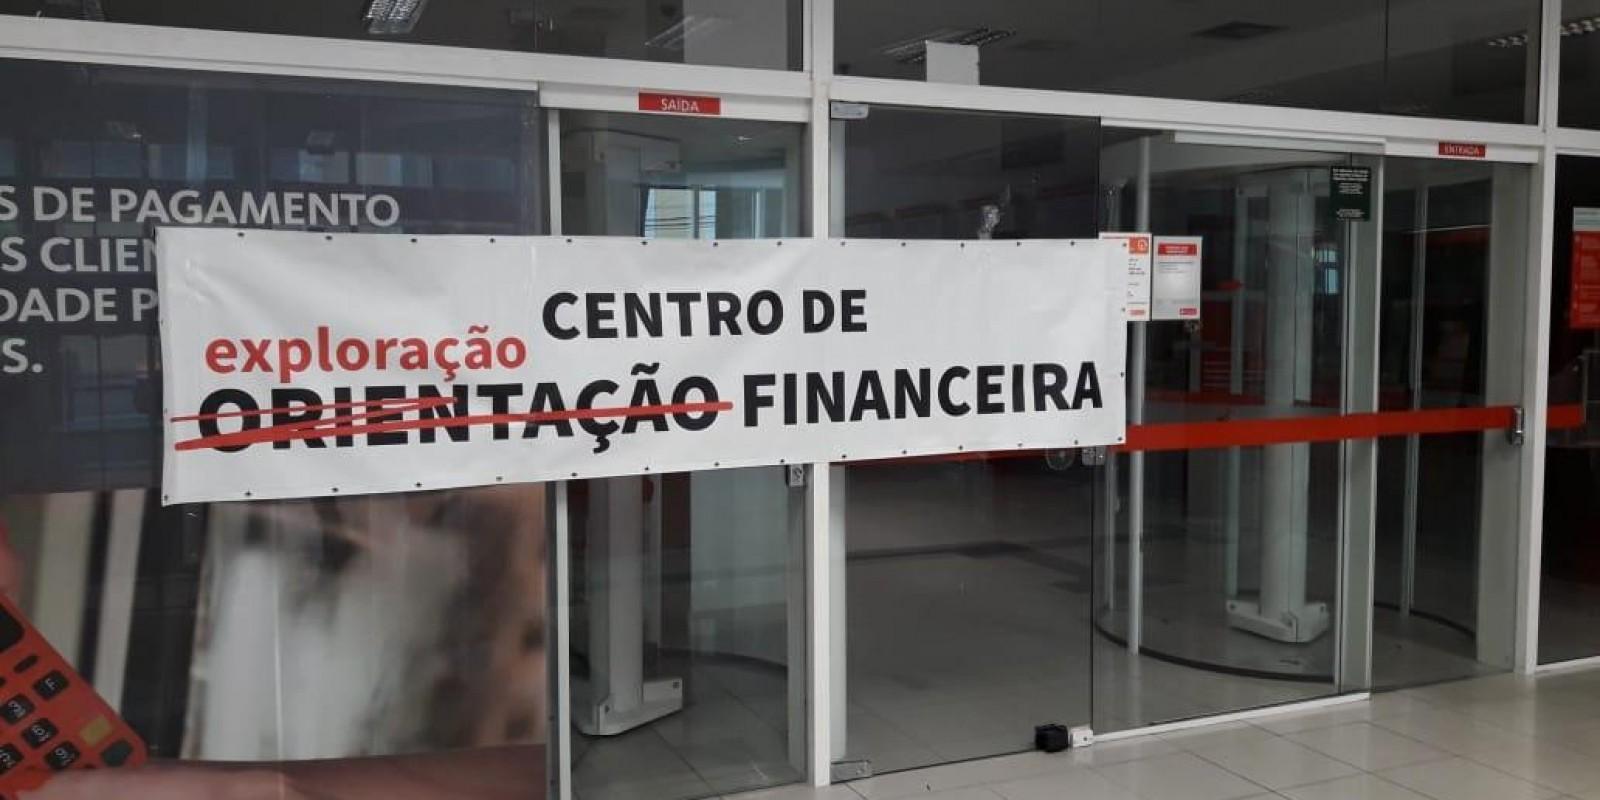 Abertura do Santander aos sábados fracassa mais uma vez